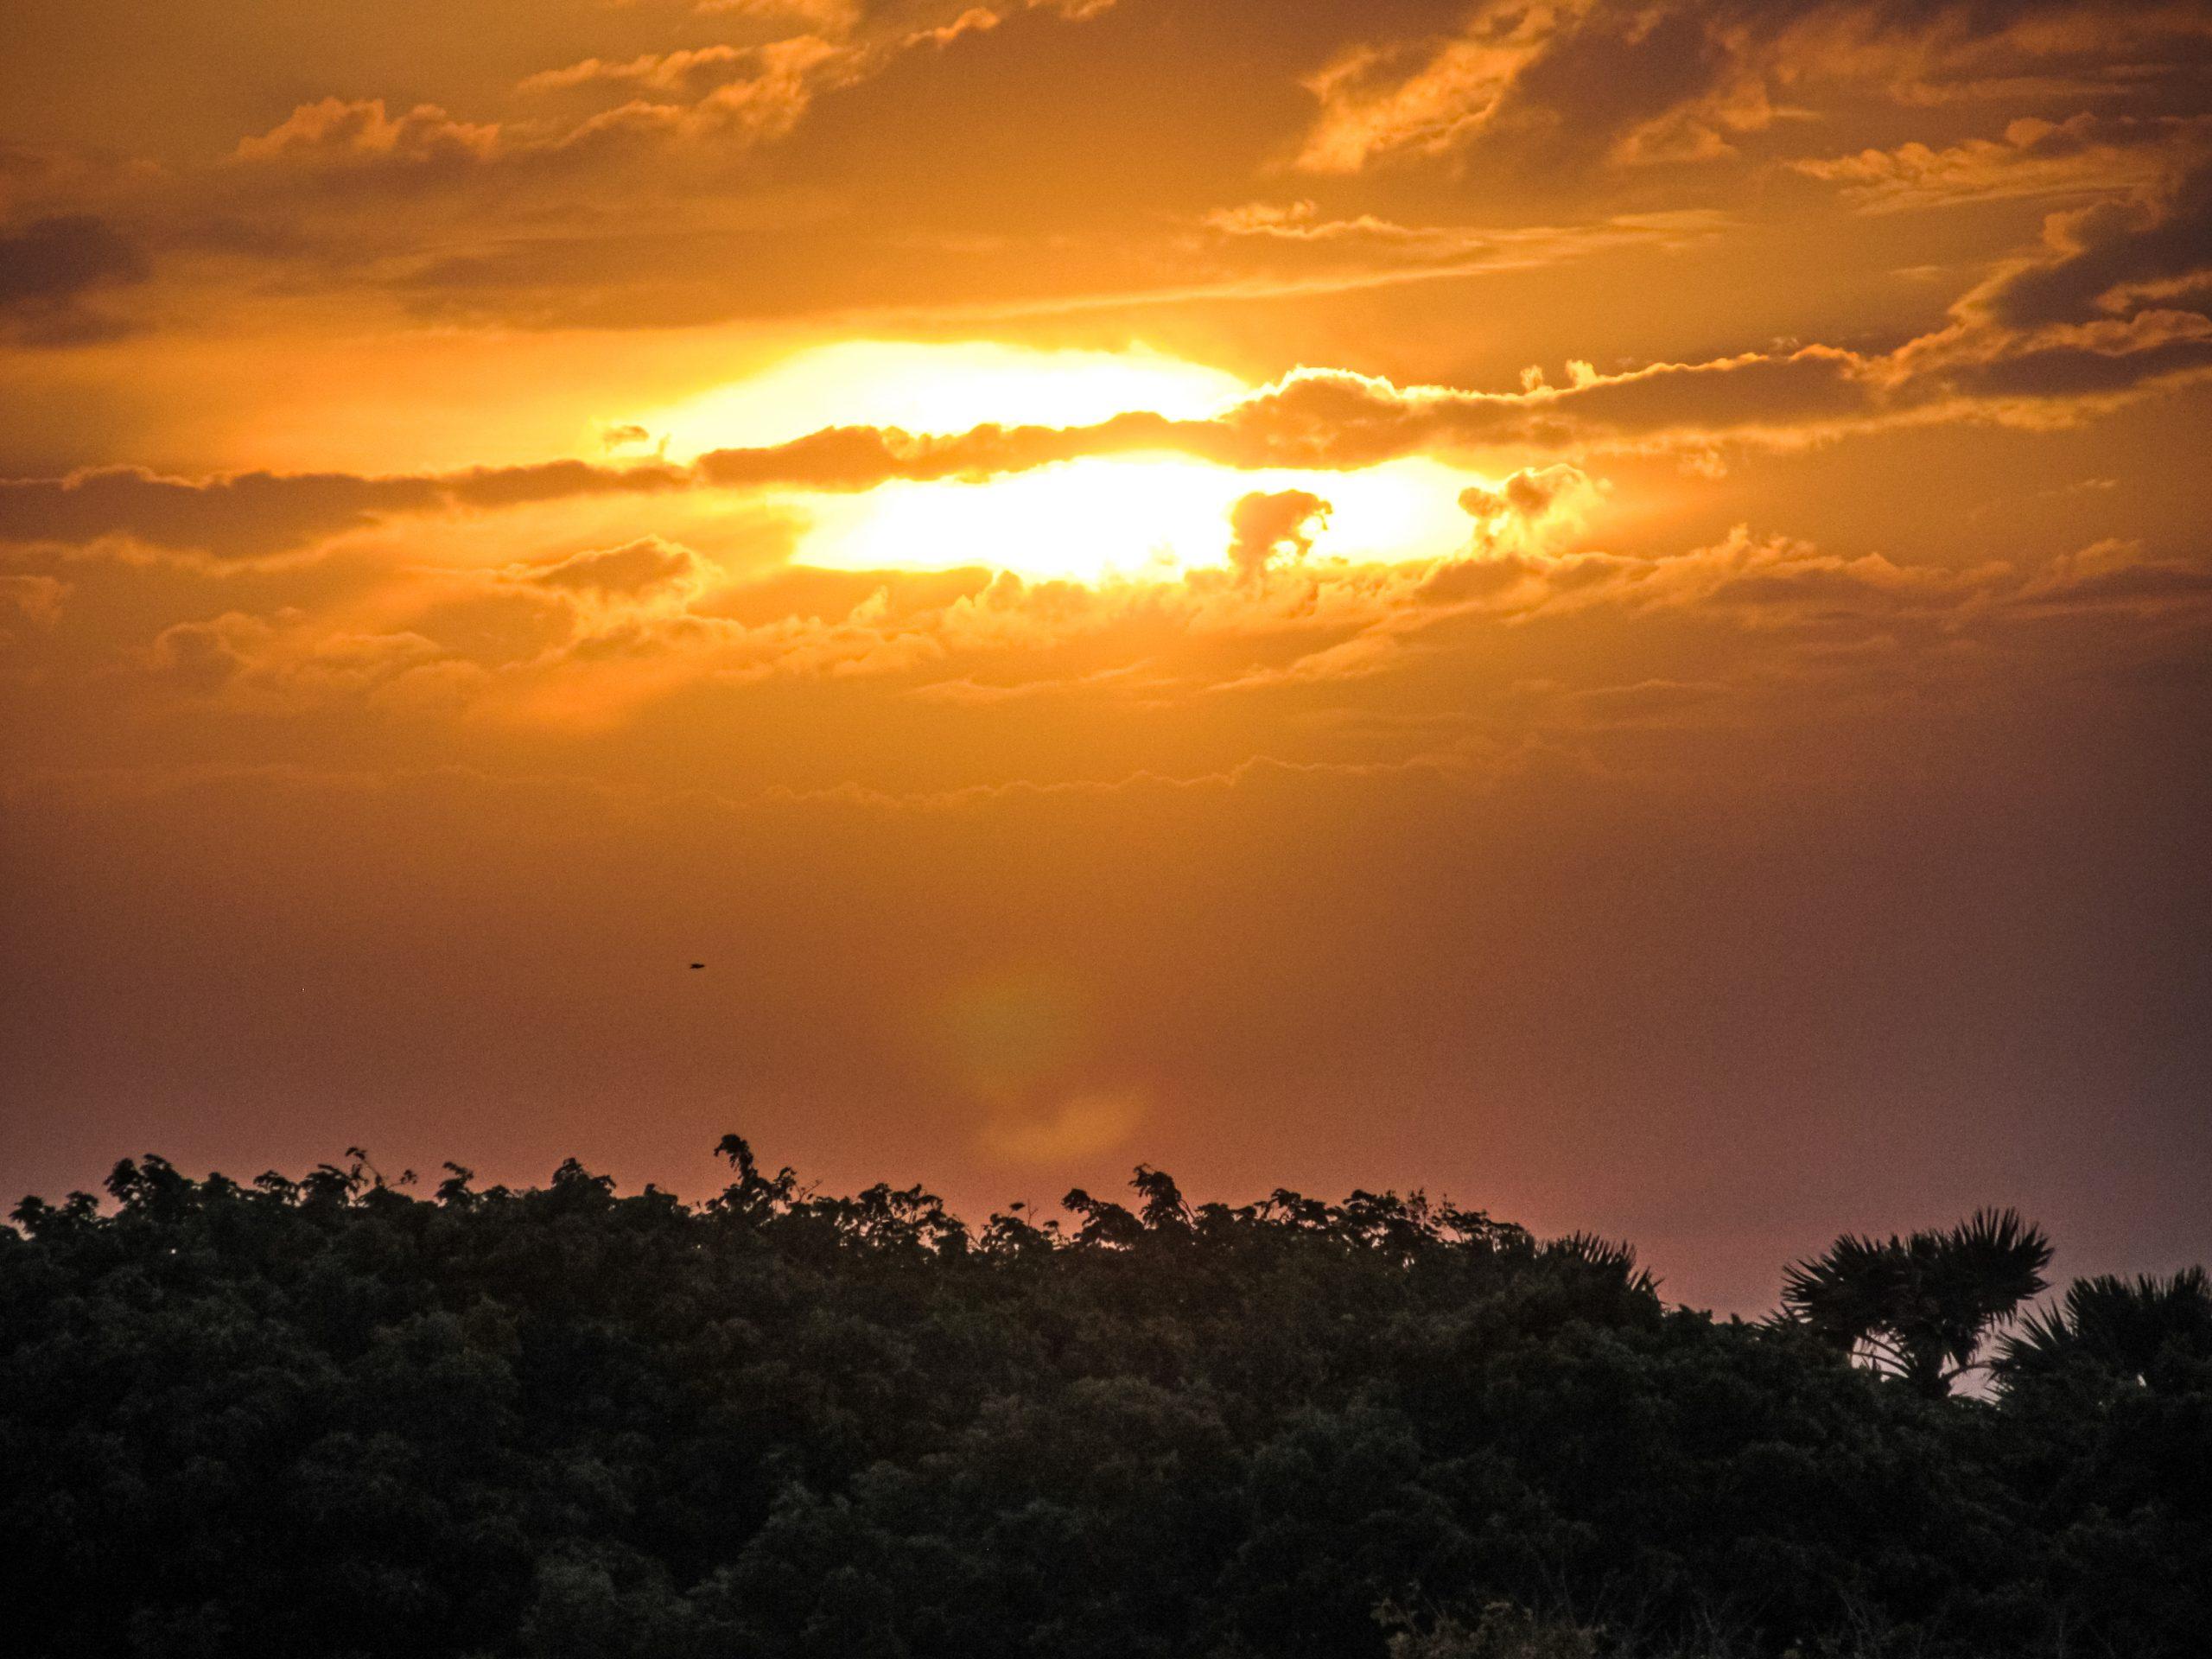 Sunset Scenery Beauty